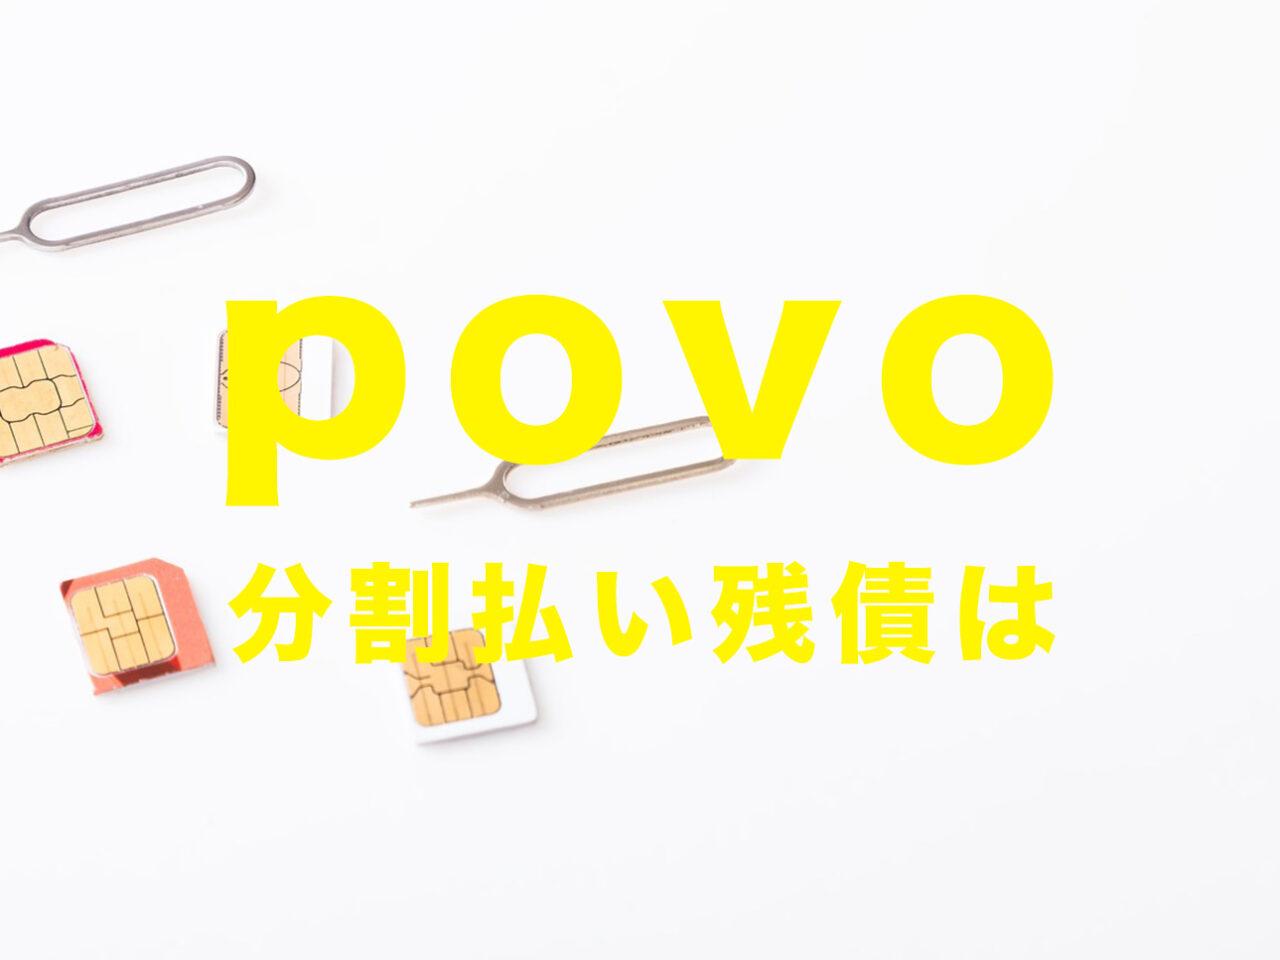 auからpovo(ポヴォ)へ乗り換えすると機種代金や分割払いの残債はどうなる?のサムネイル画像